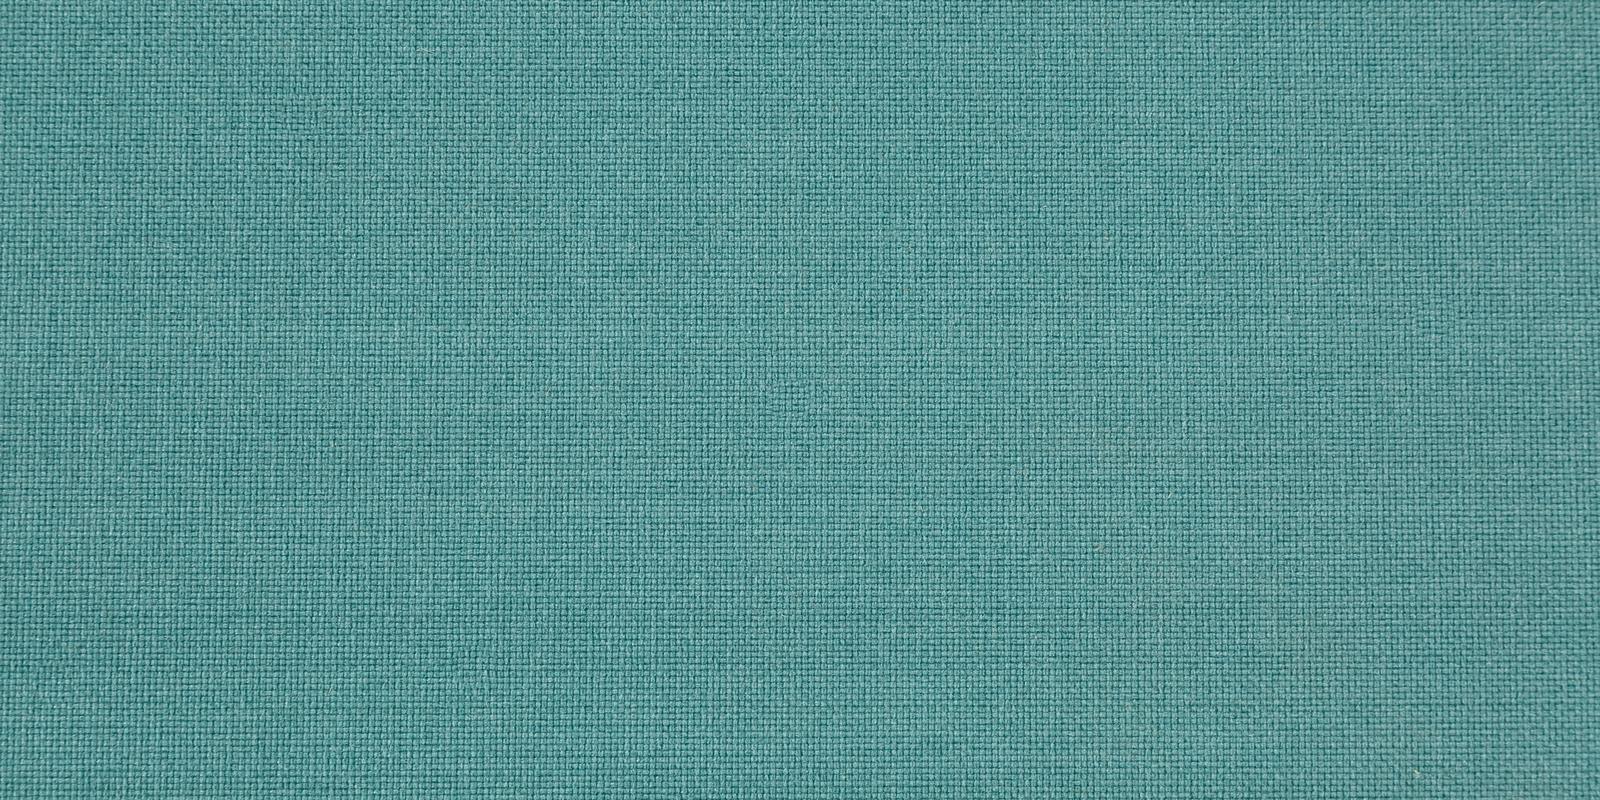 Диван тканевый прямой Каир Madagascar бирюзовый (Рогожка)